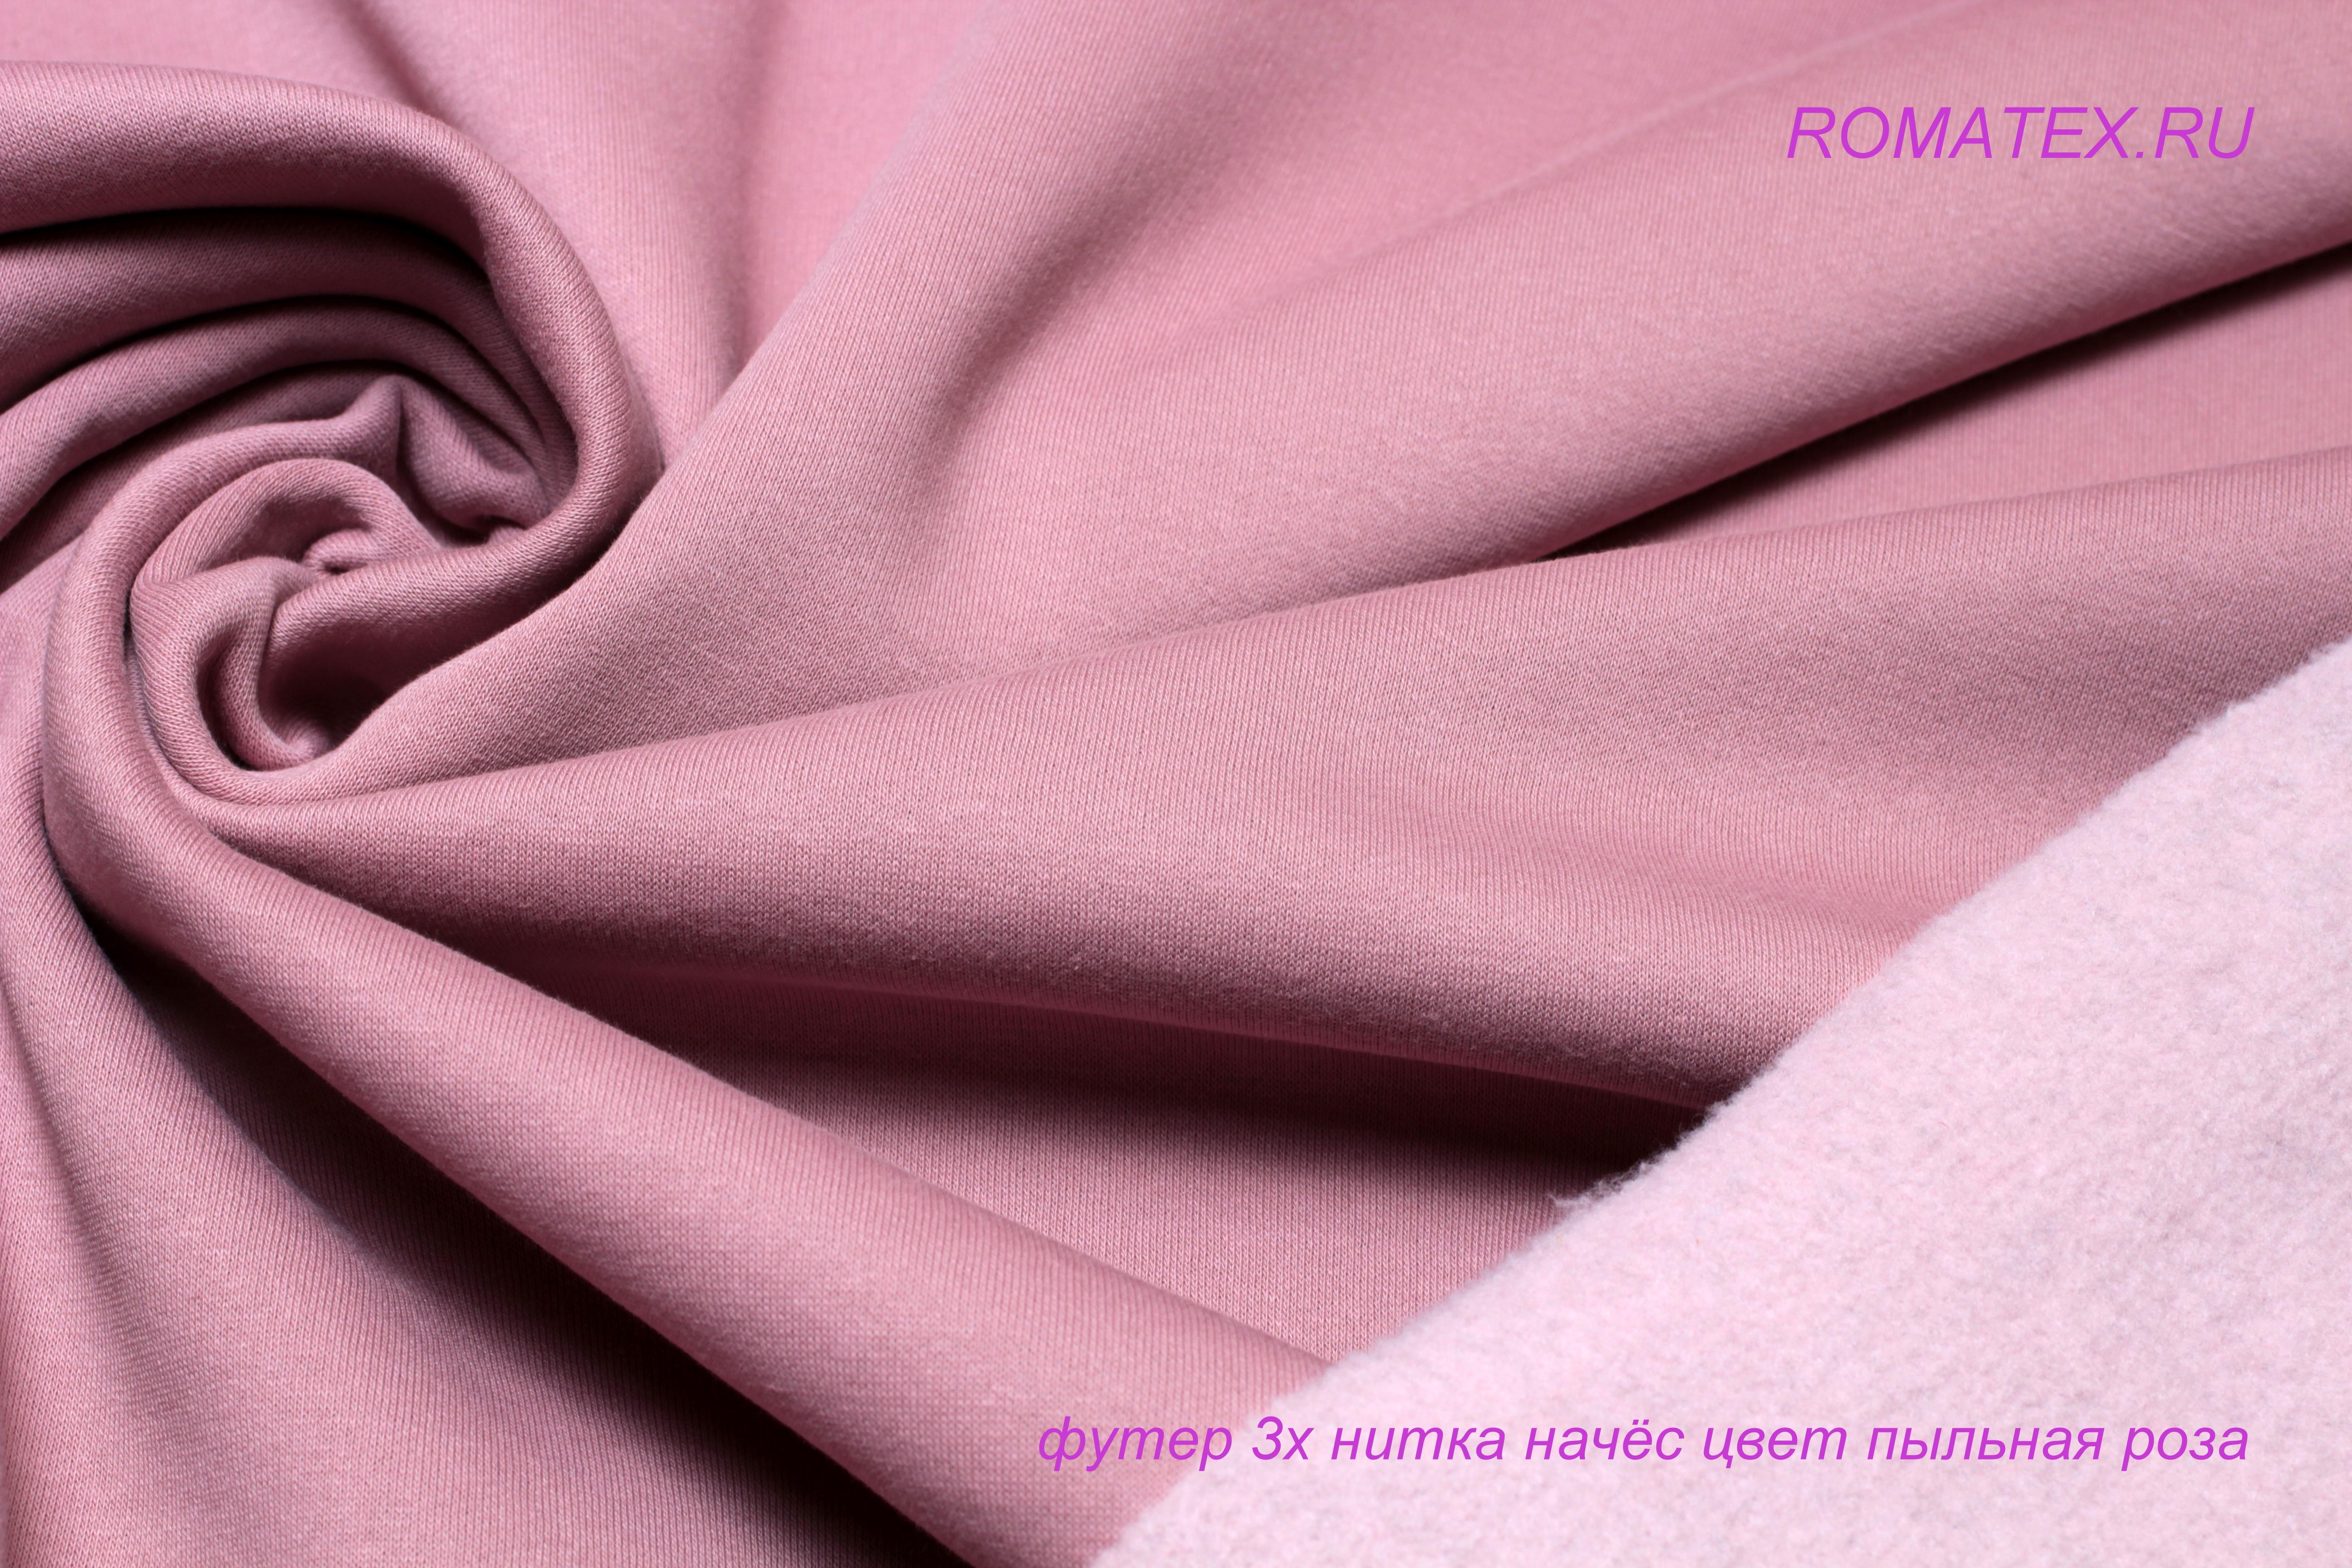 Футер 3-х нитка начес качество Пенье цвет пыльная роза